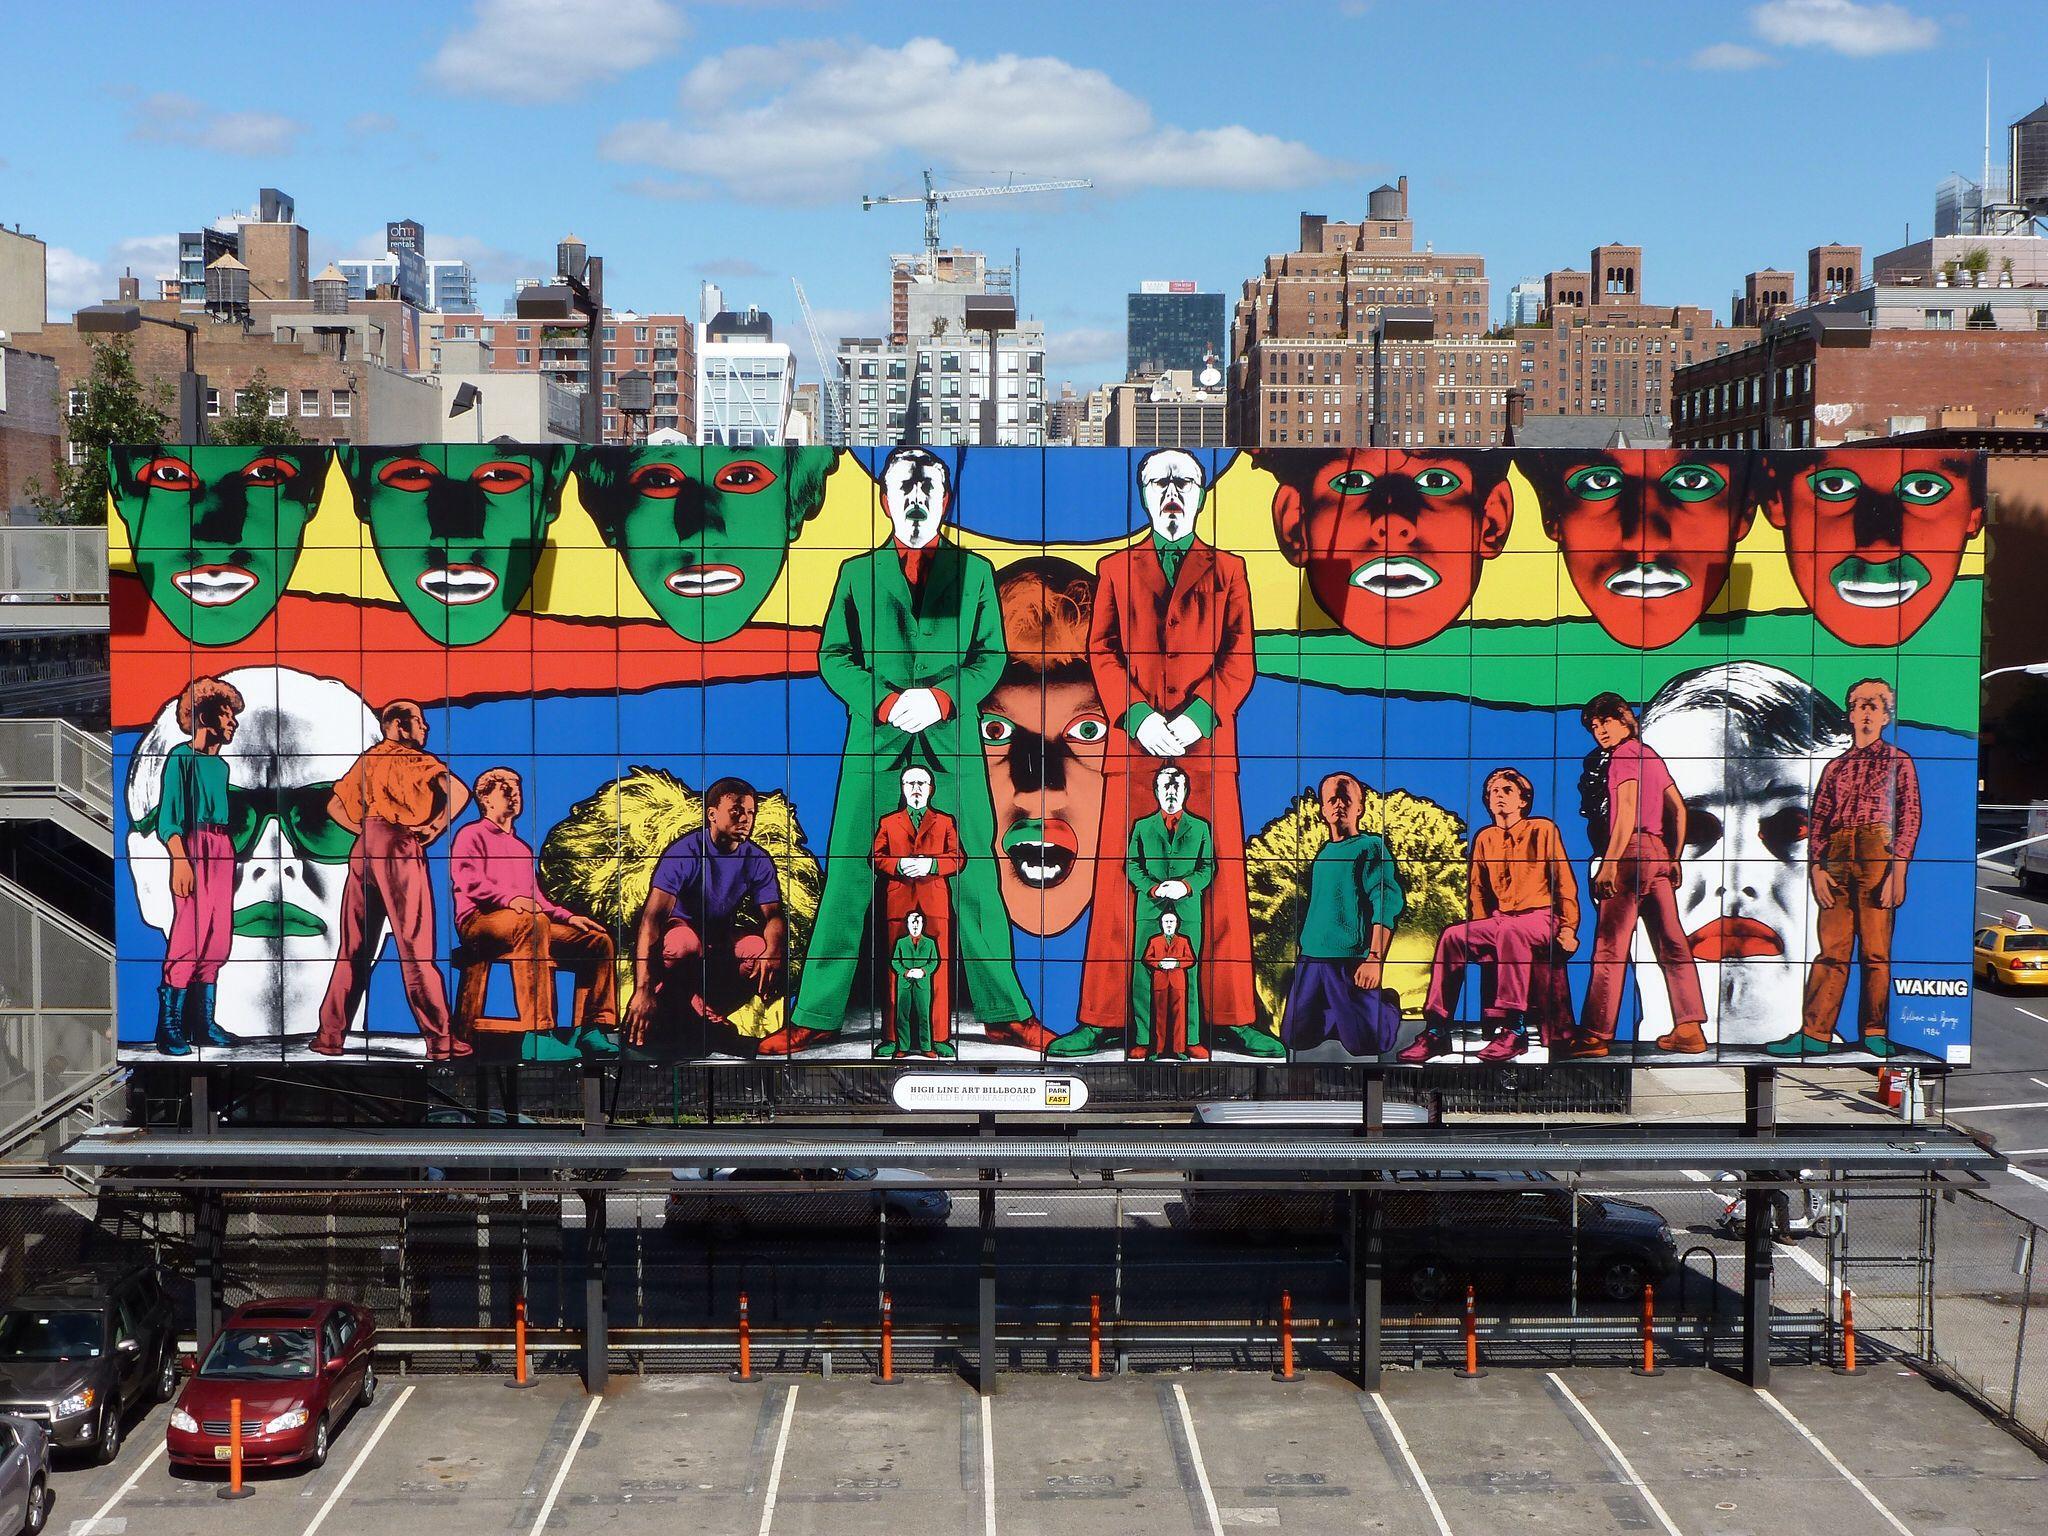 201309233 New York Chelsea High Line Park advertising Art